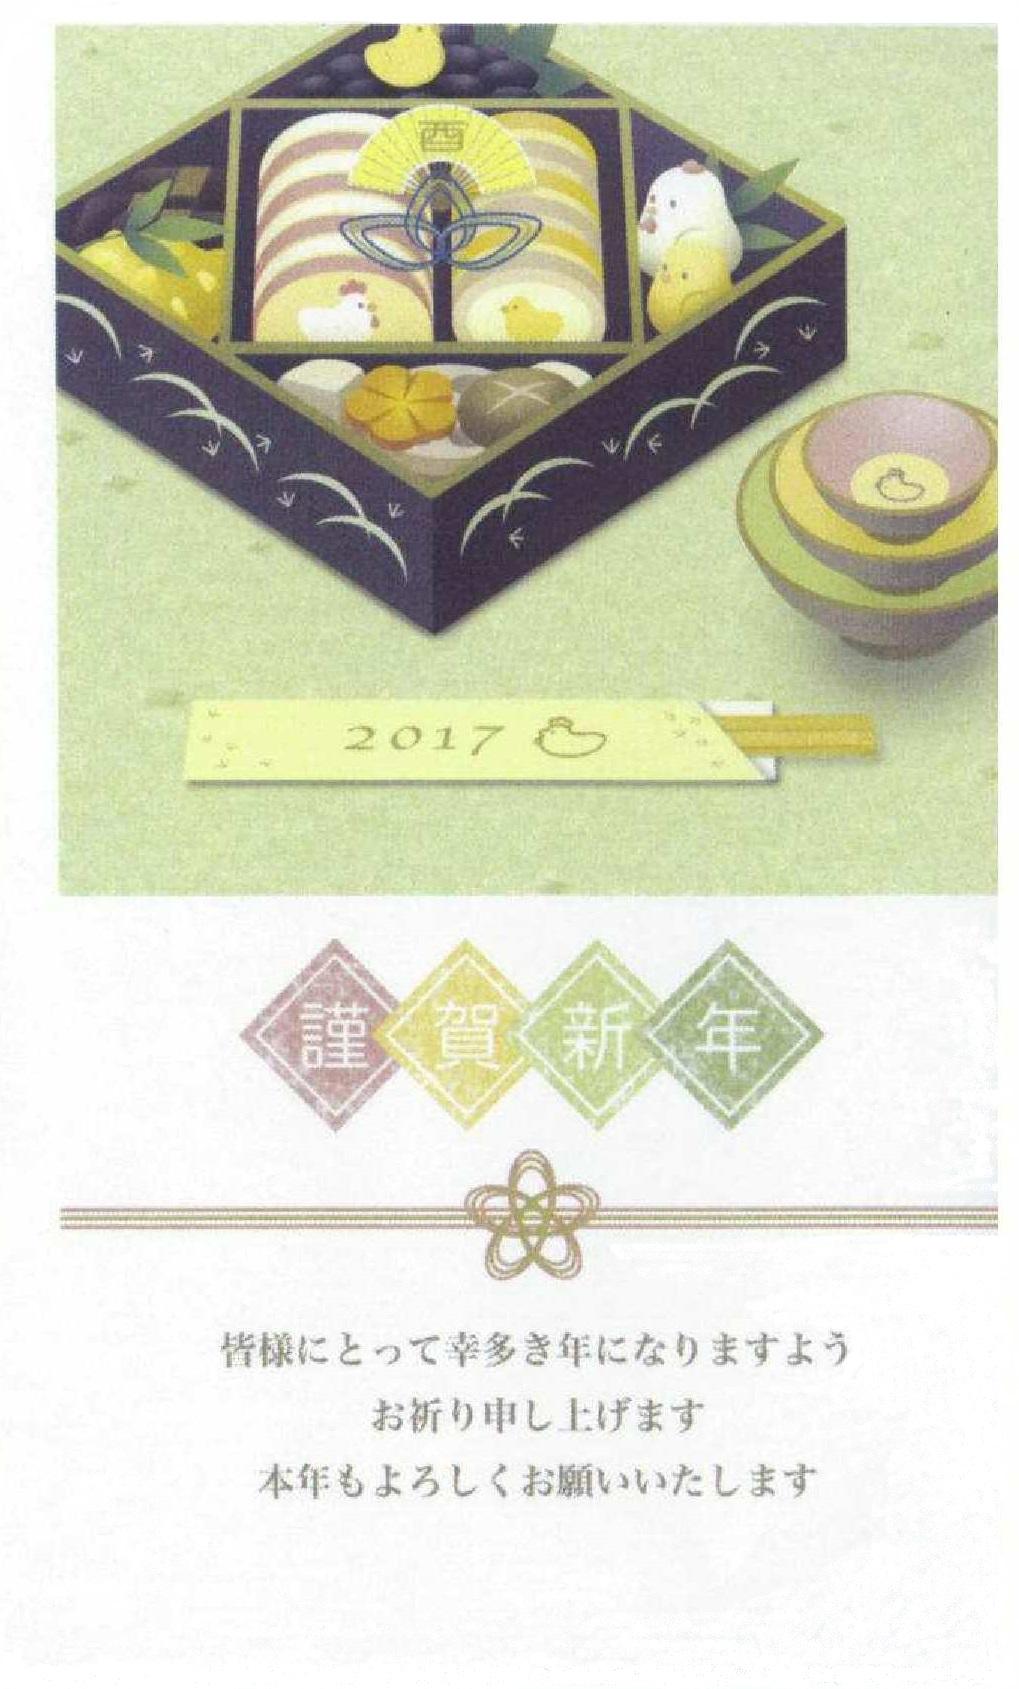 2017年 年賀用 星の薪